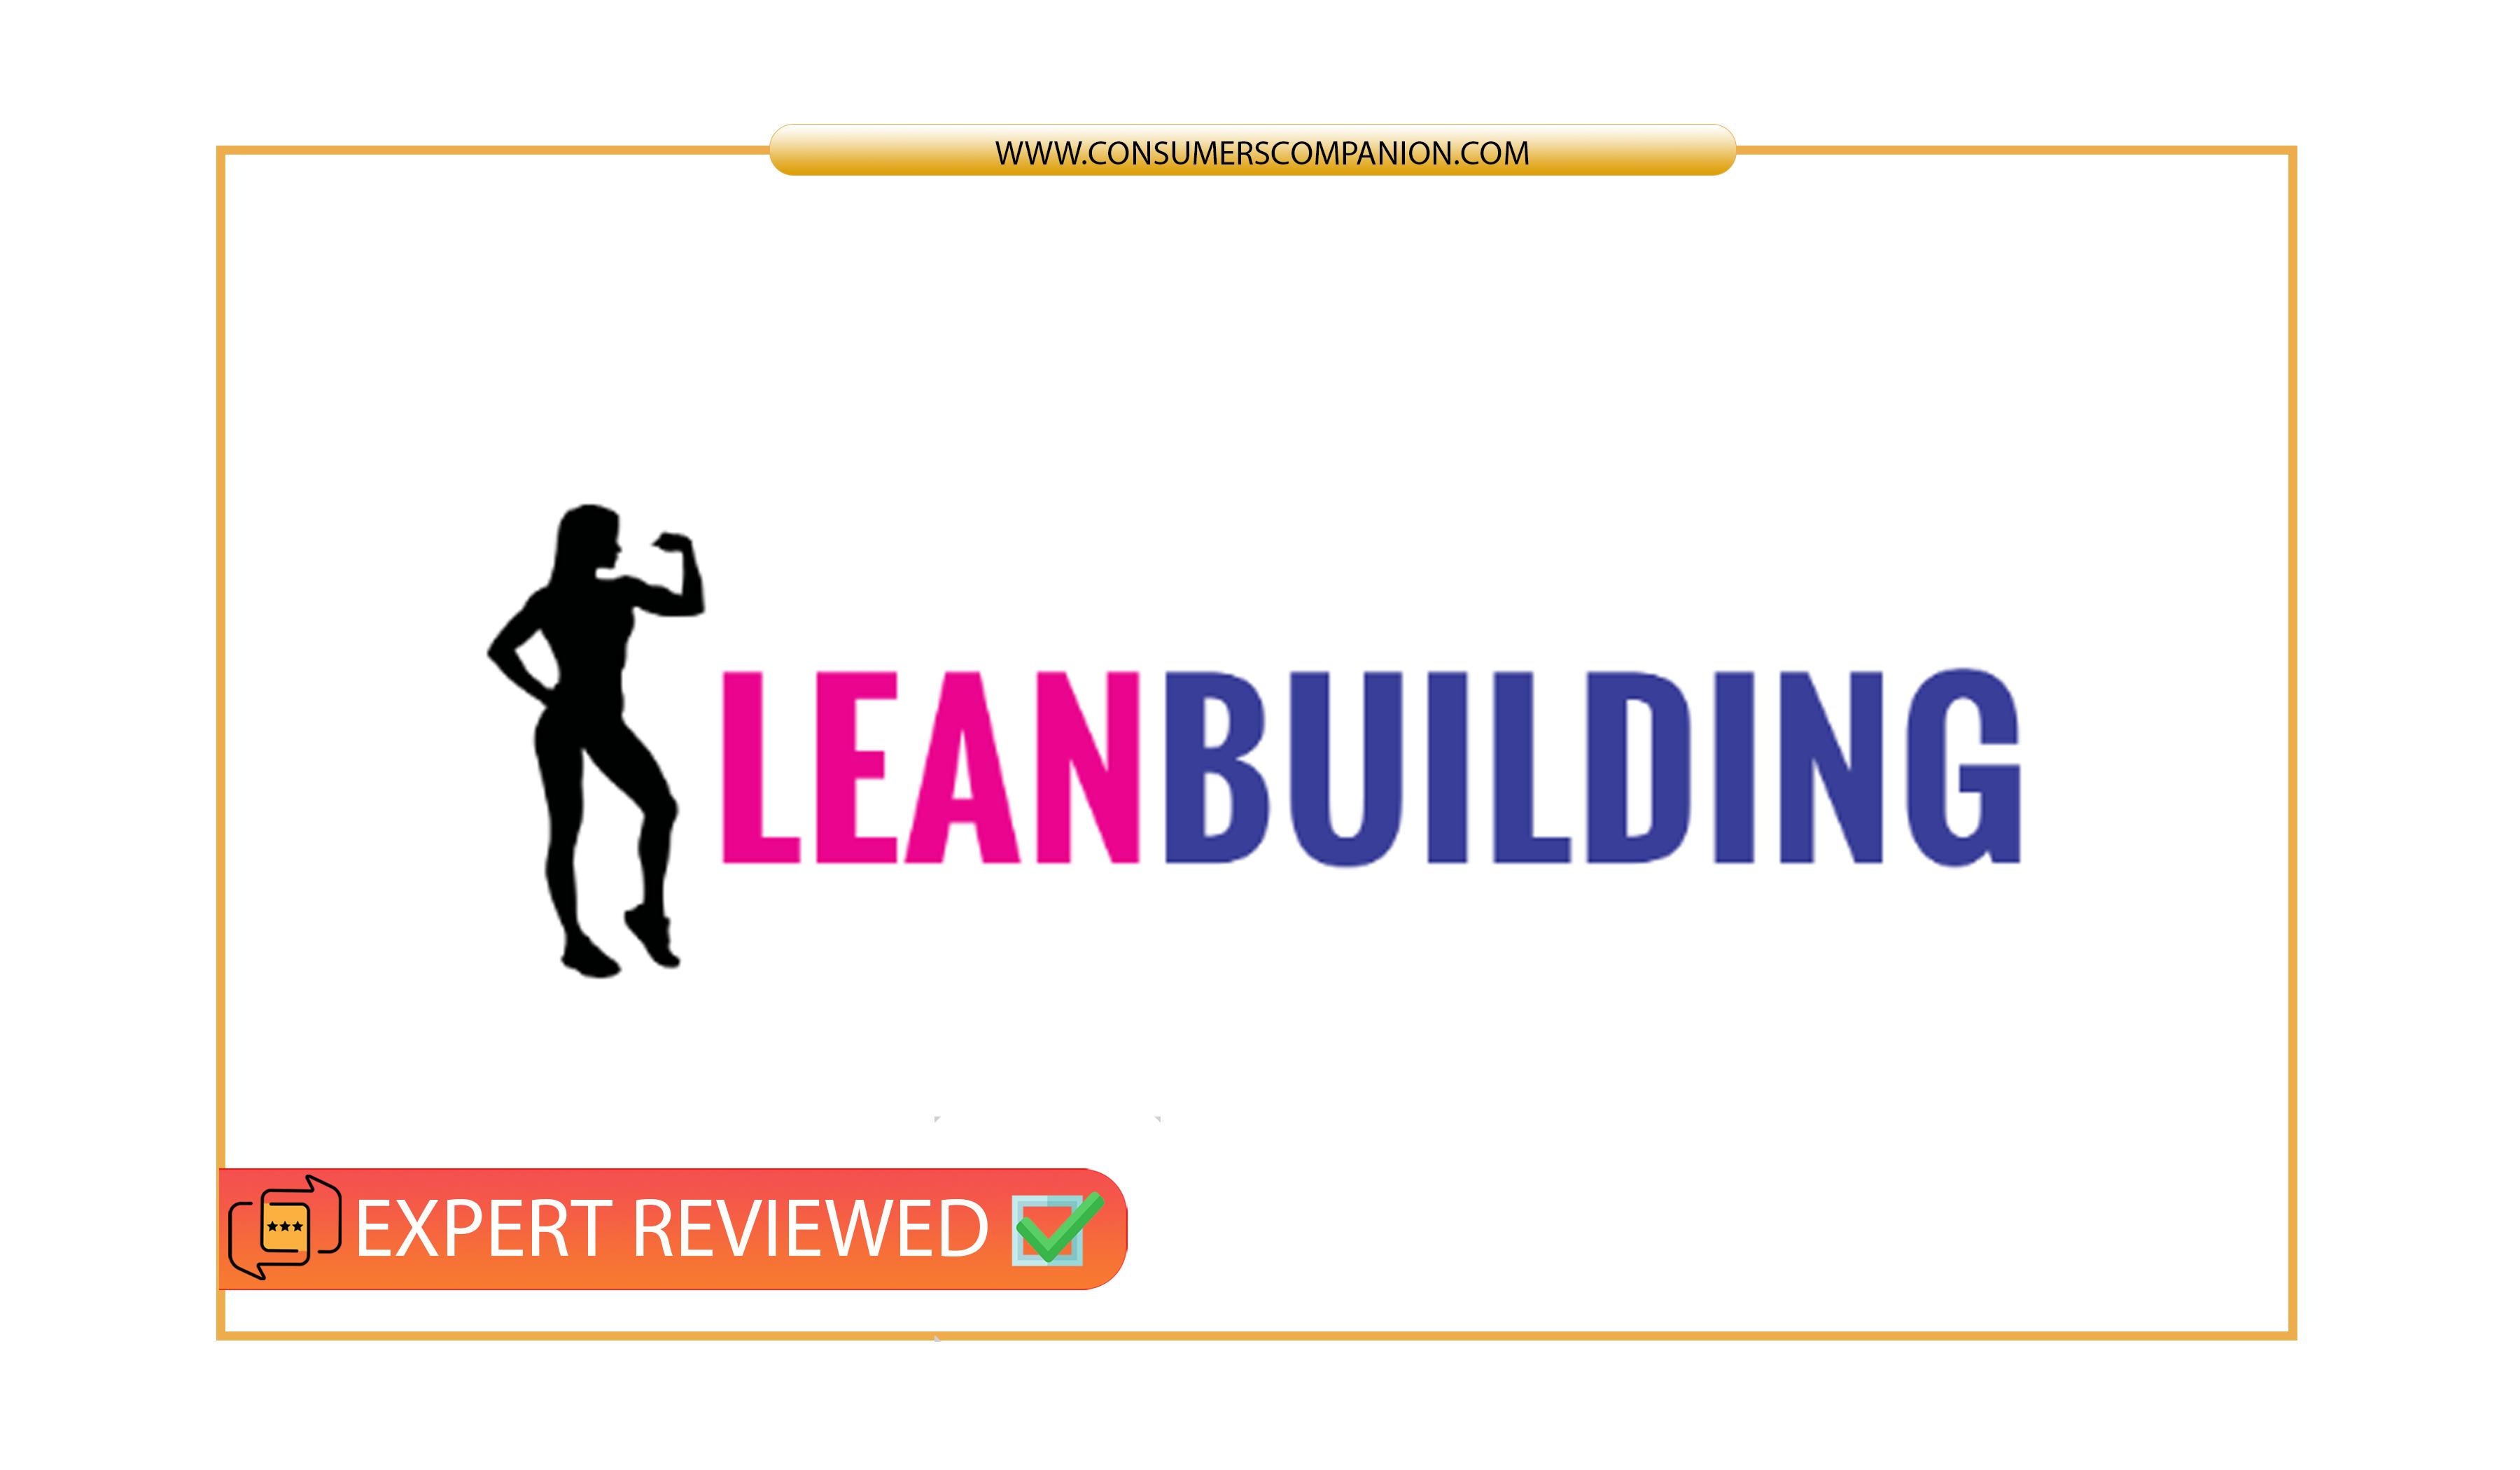 Lean Building reviews